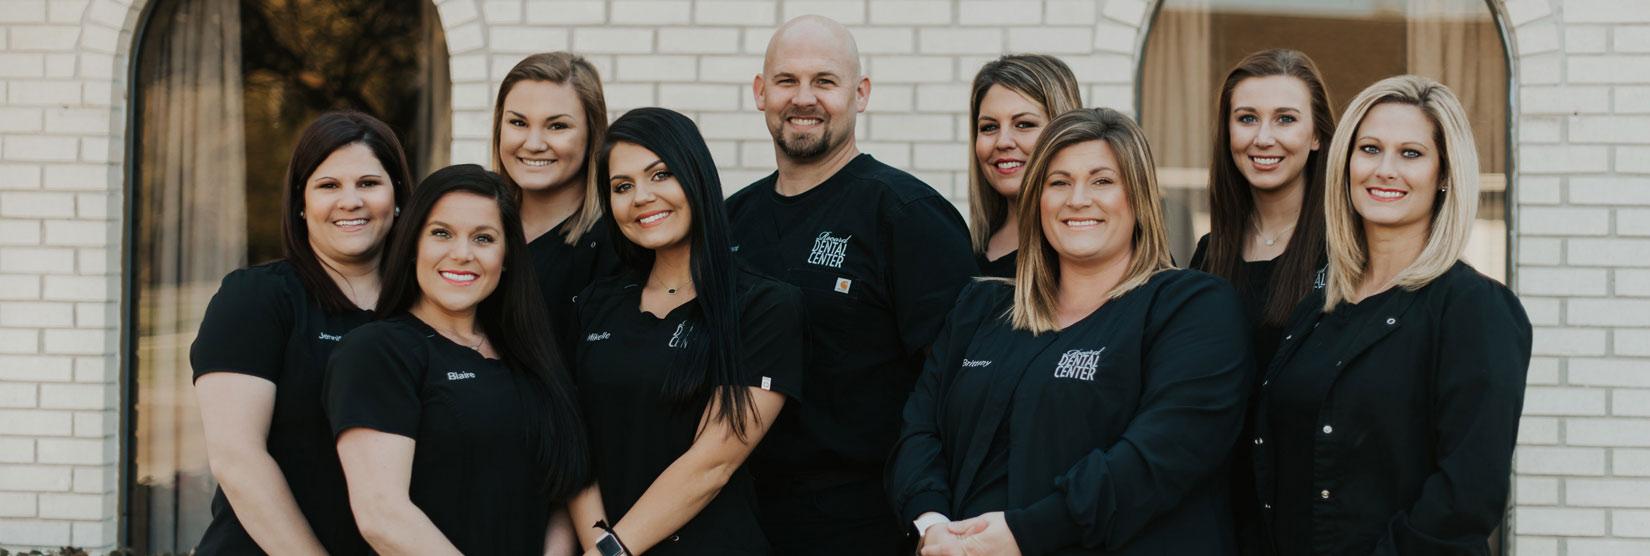 Record Dental Center reviews | Dentists at 15110 Wax Rd - Baton Rouge LA